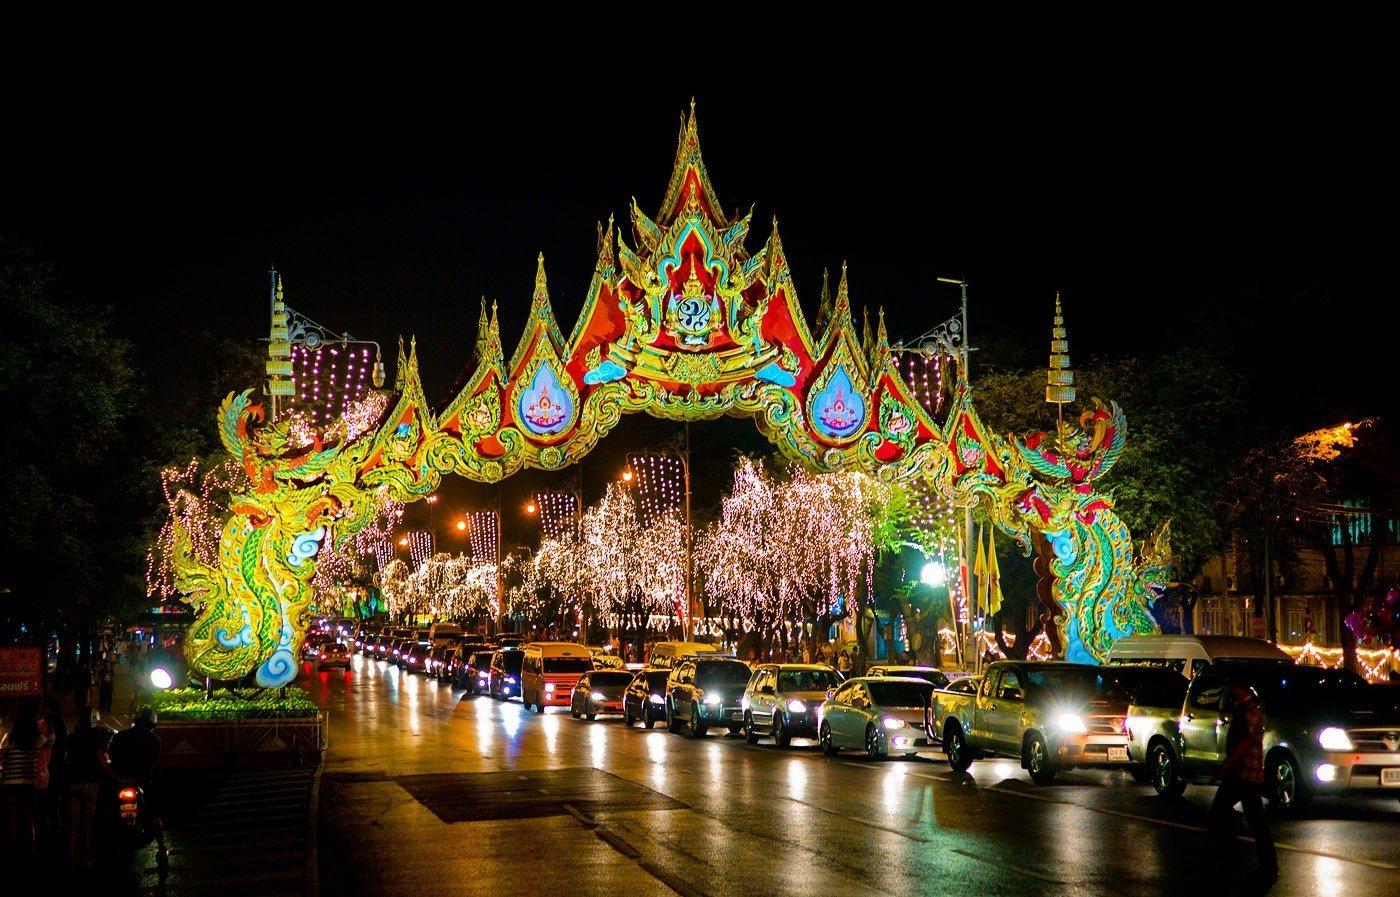 поздравления таиланд в картинках в декабре чужую рекламу может